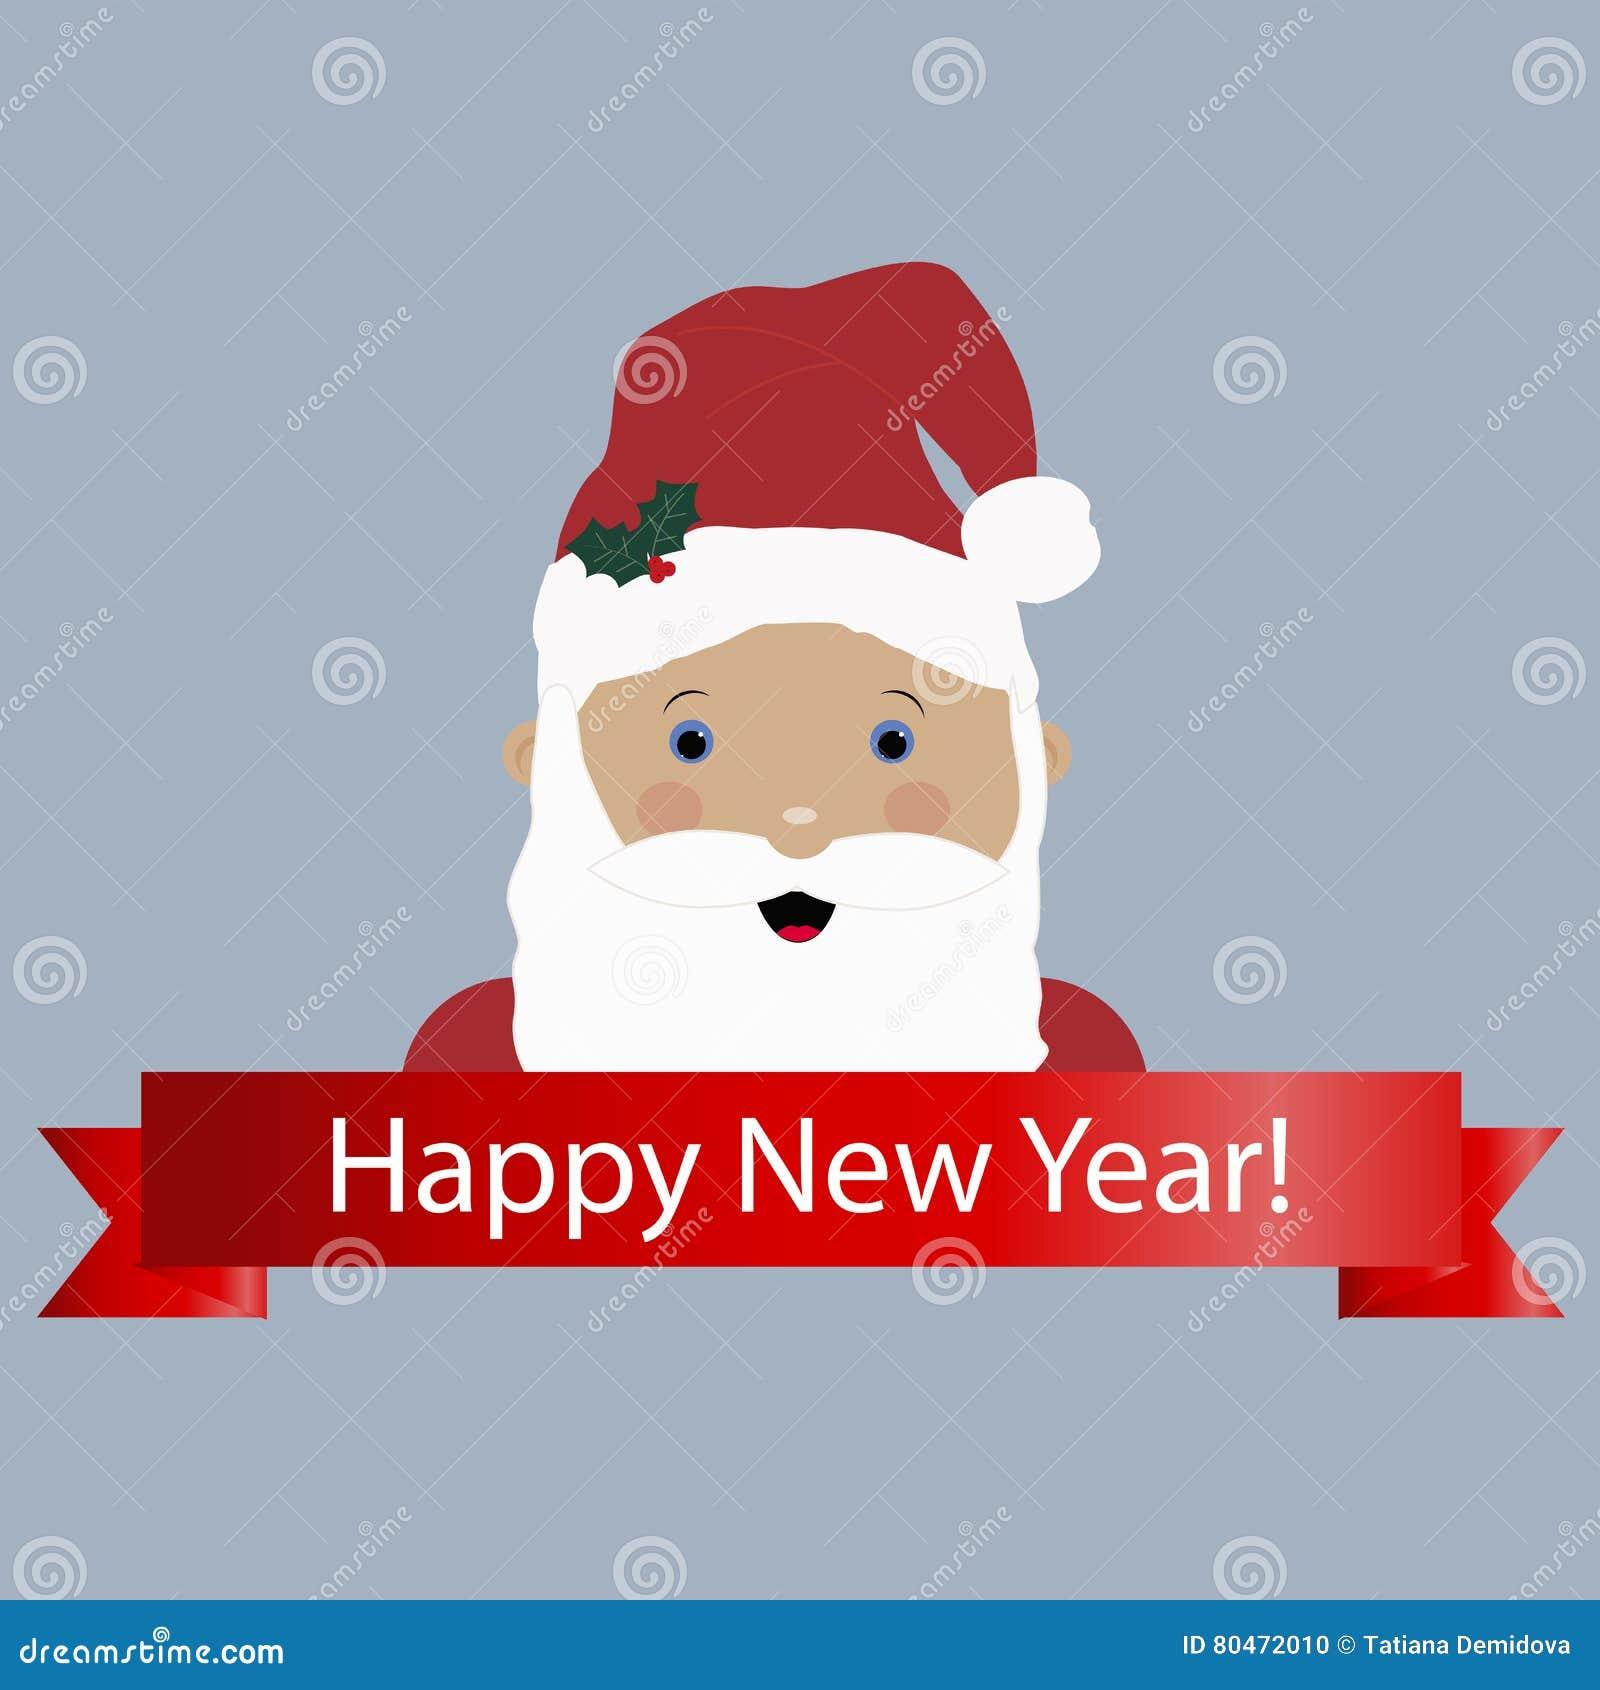 Icono coloreado con una historieta Santa Claus y Feliz Año Nuevo de la bandera